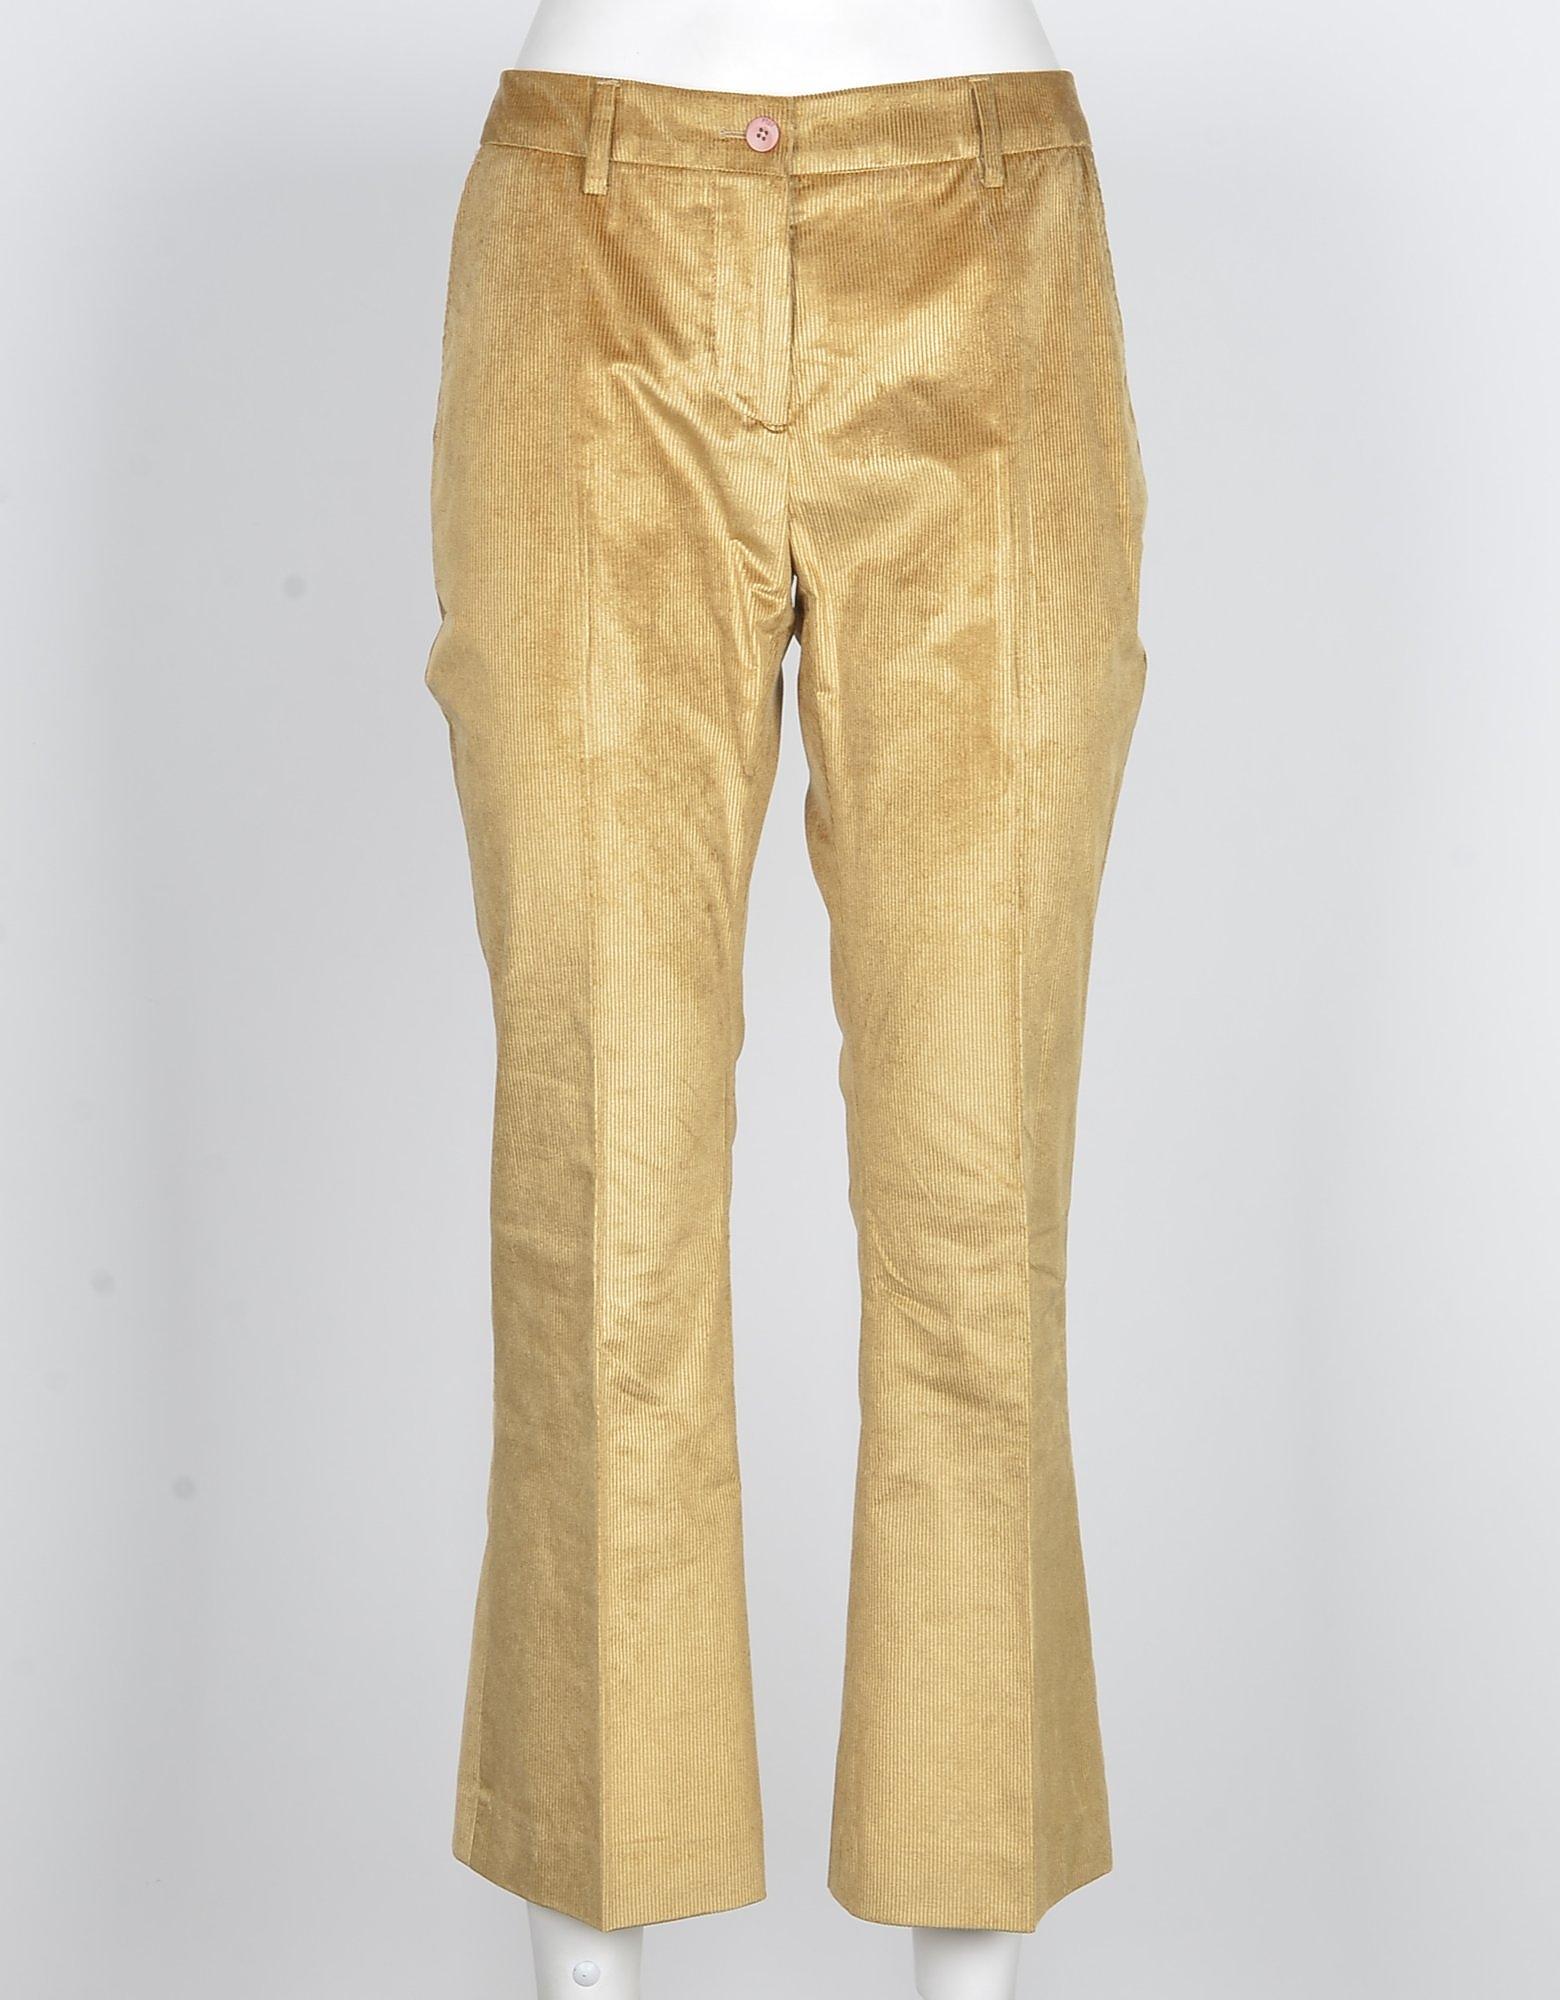 PT01 Designer Pants, Women's Beige Pants